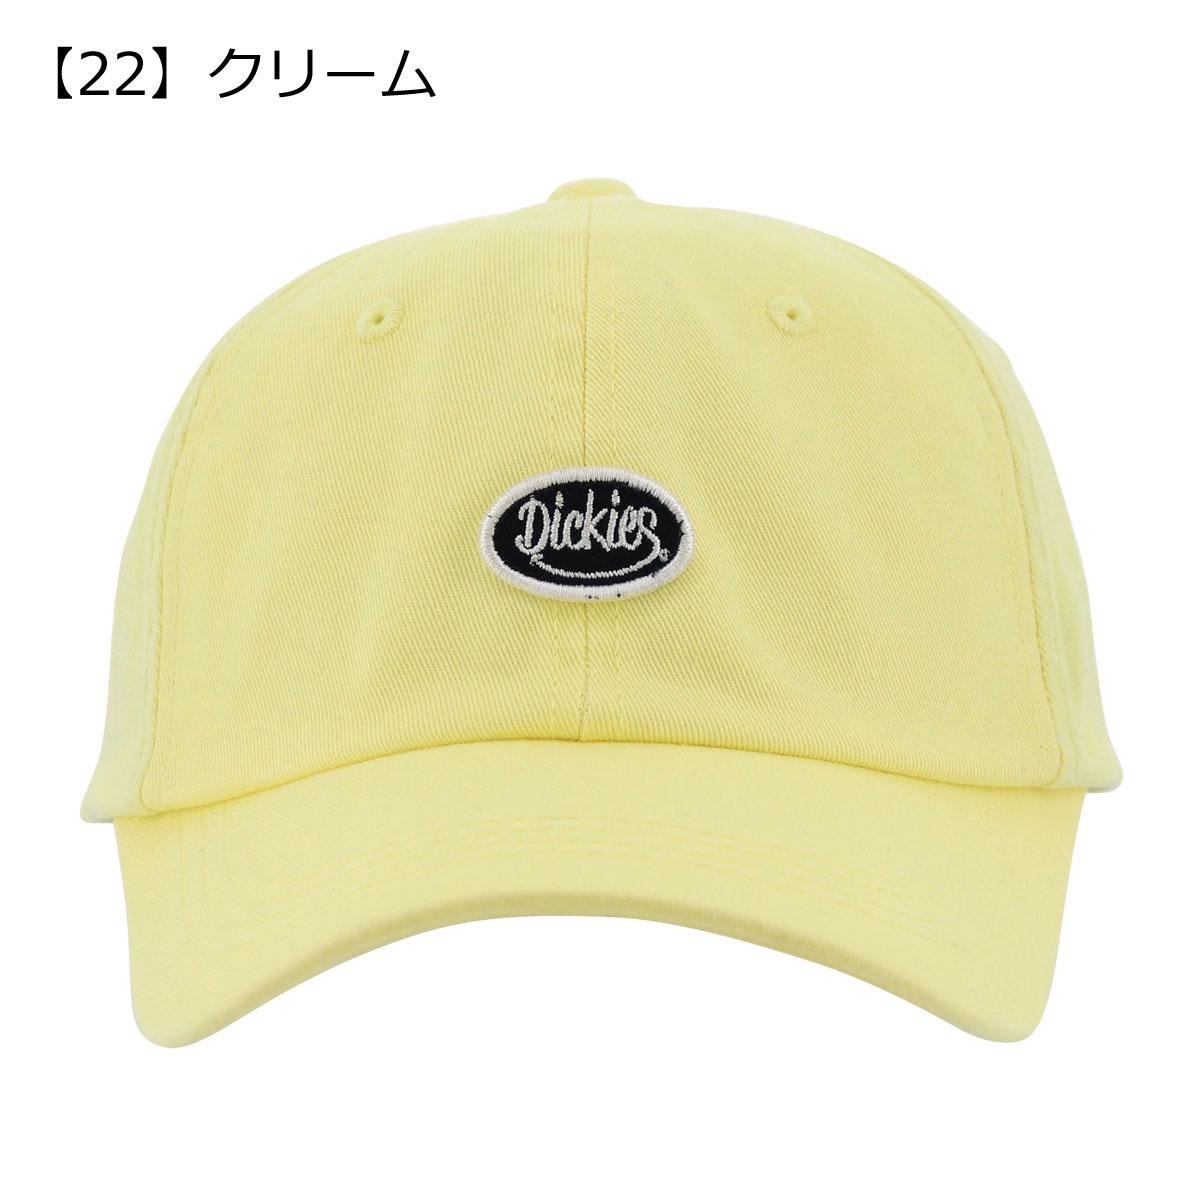 【22】クリーム